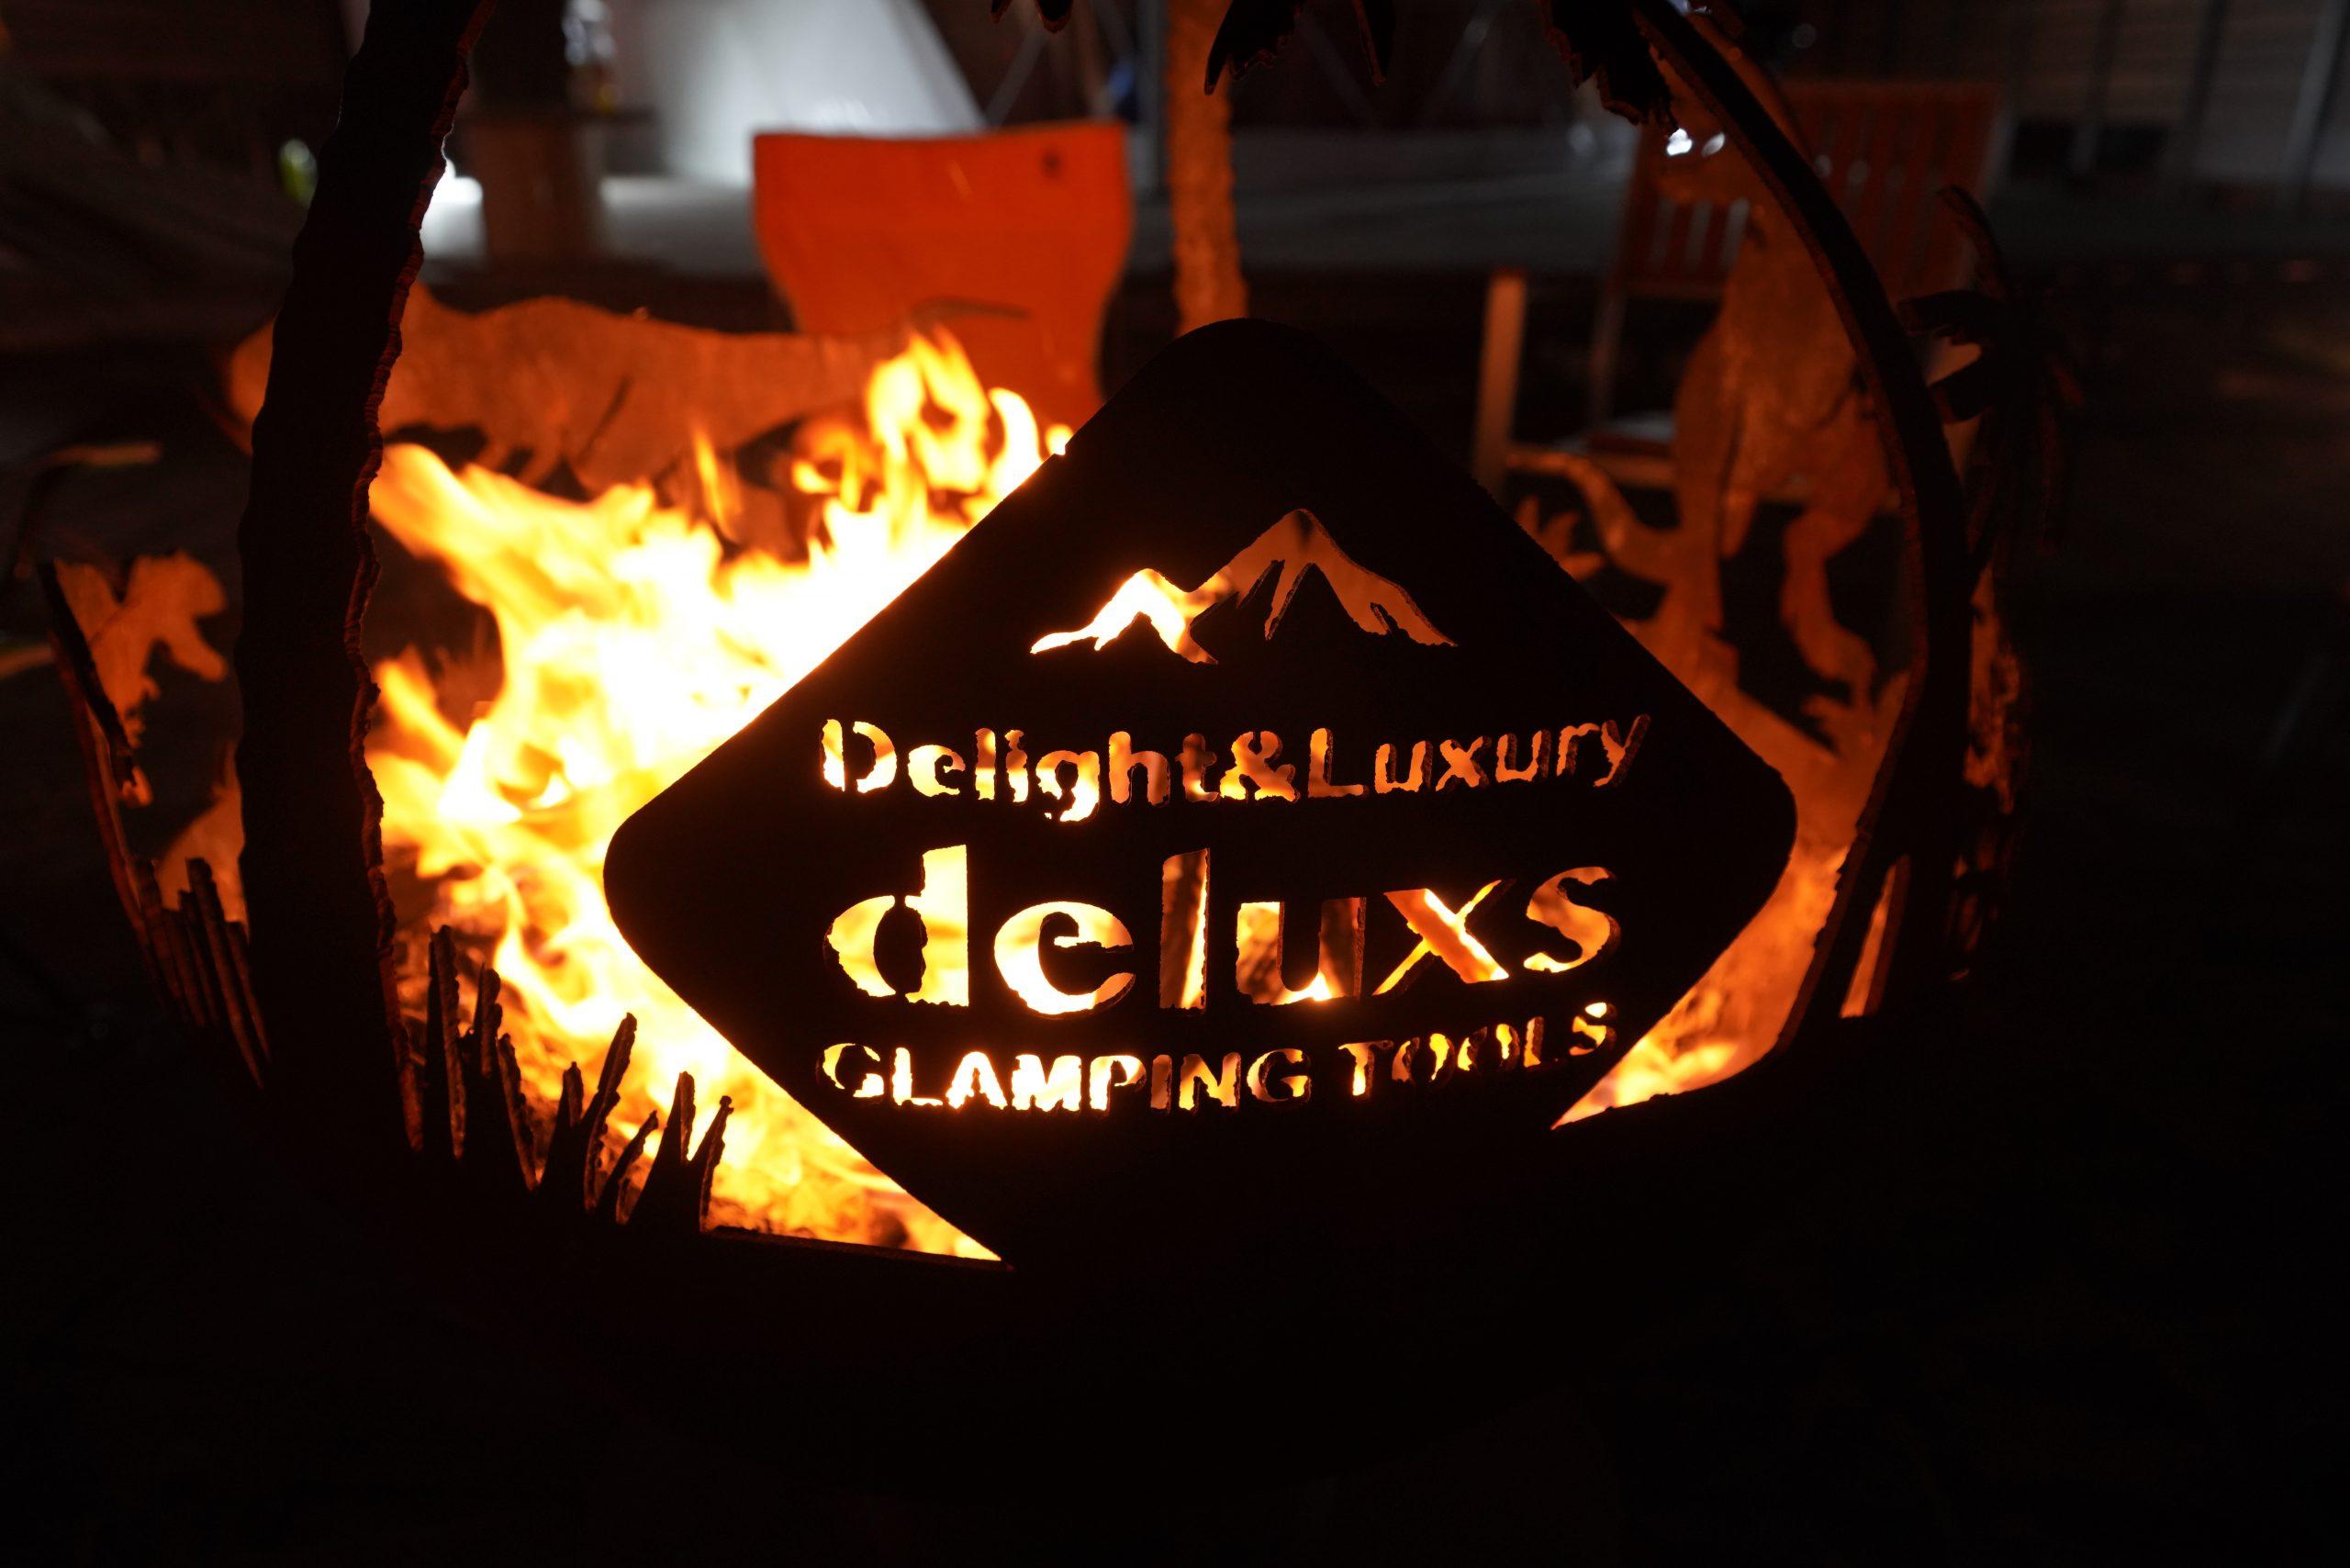 Deluxs様20191013_0001